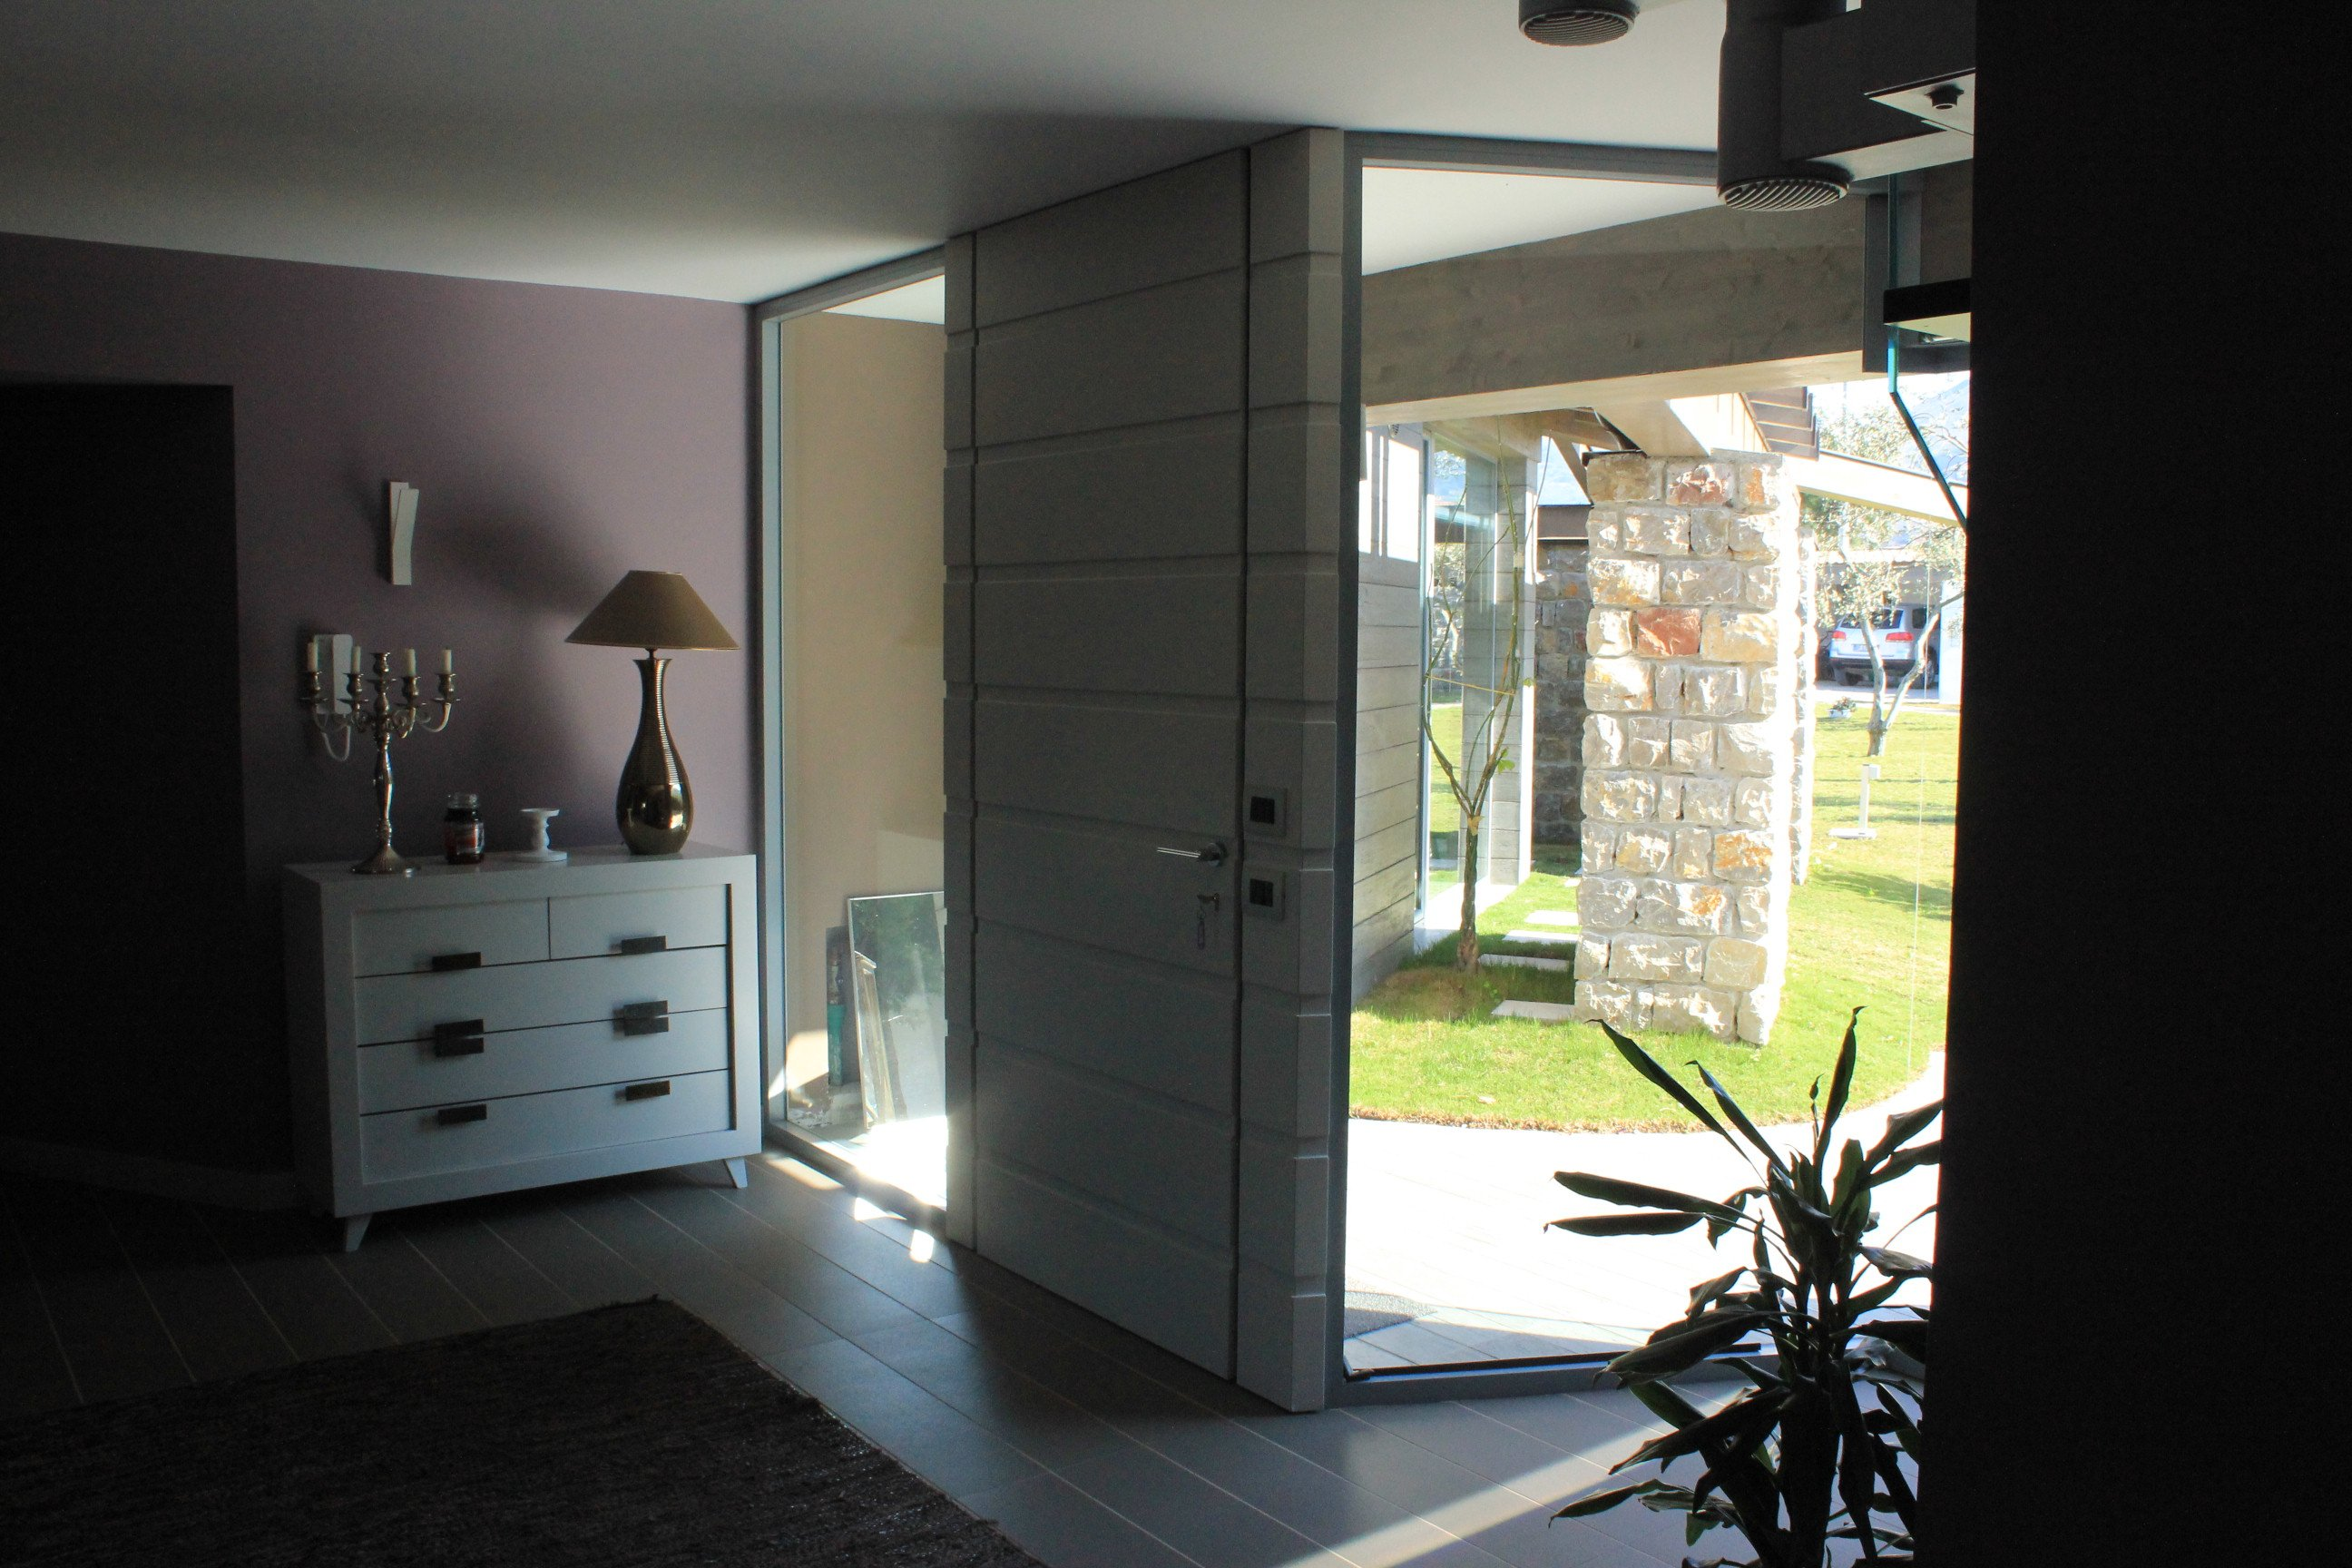 Vista di una stanza con una porta e delle piante